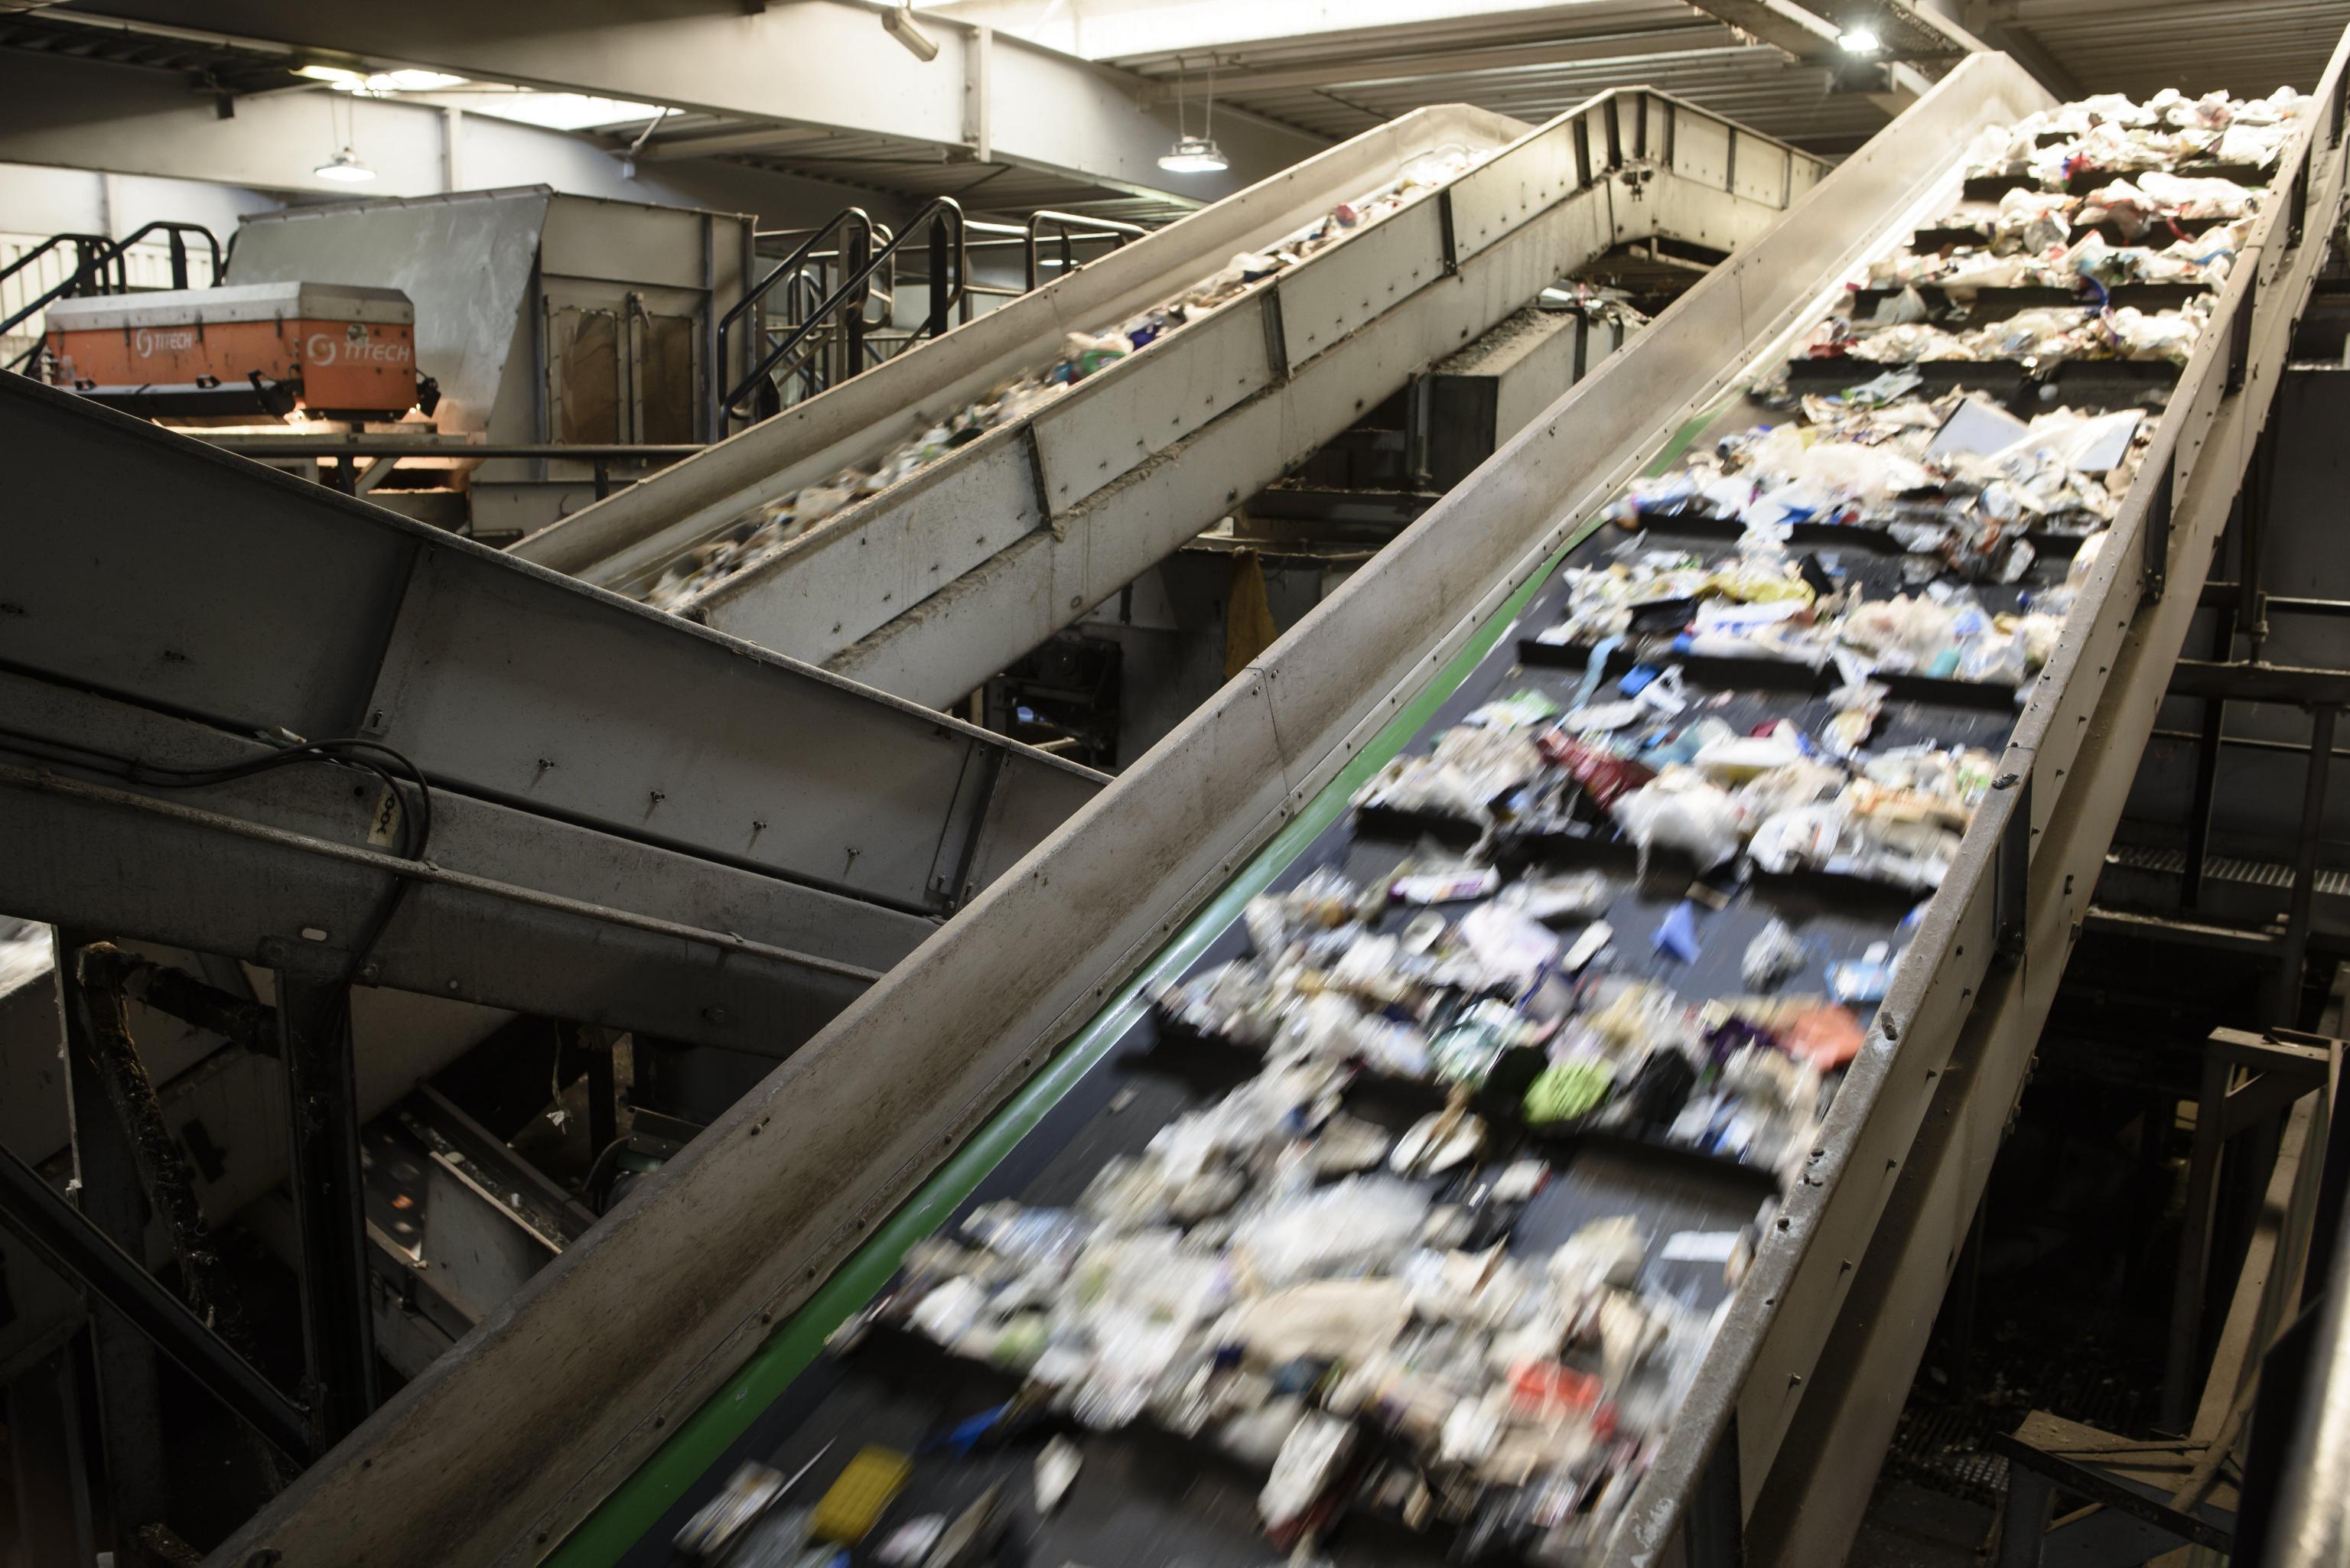 Riciclo dei rifiuti: migliora la raccolta differenziata, +59% di imballaggi compostabili